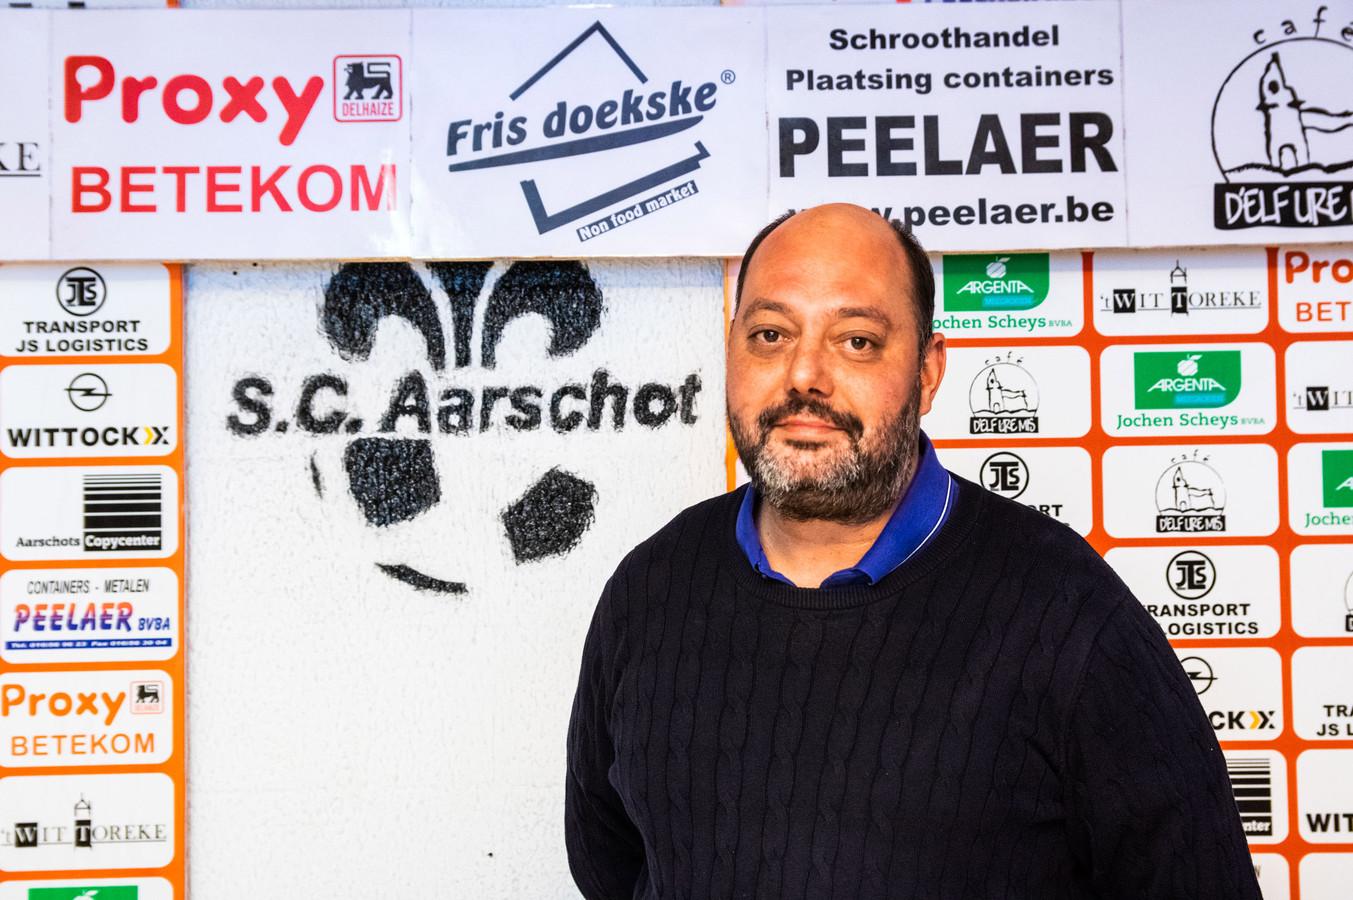 De geruchten over een mogelijk faillissement doen voorzitter Dimitri Van Camp (SC Aarschot) pijn in het hart.